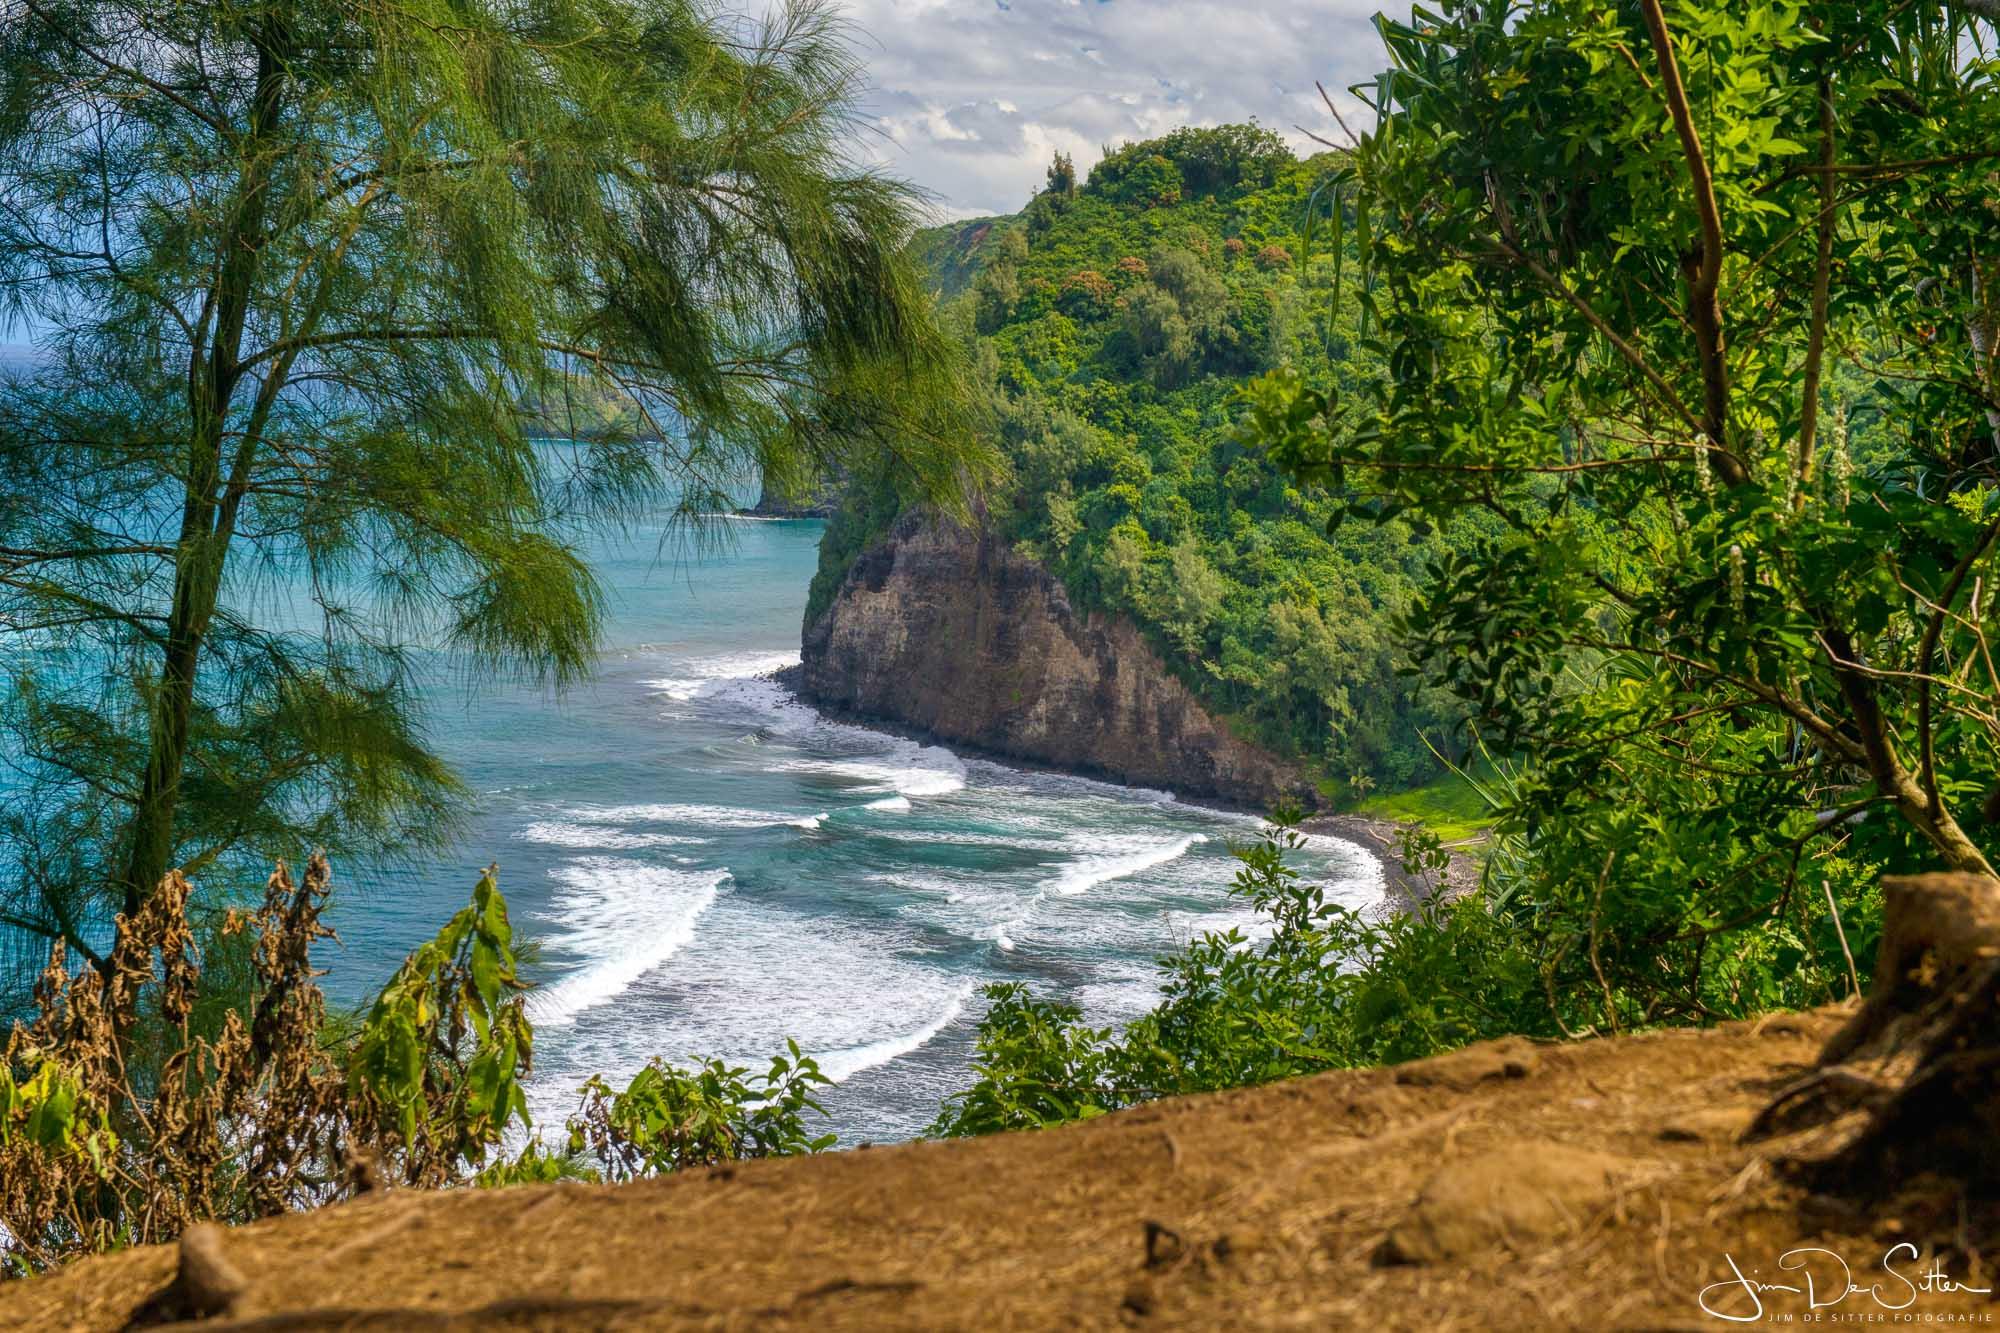 Landschapsfoto : Een tropische baai in Hawaii